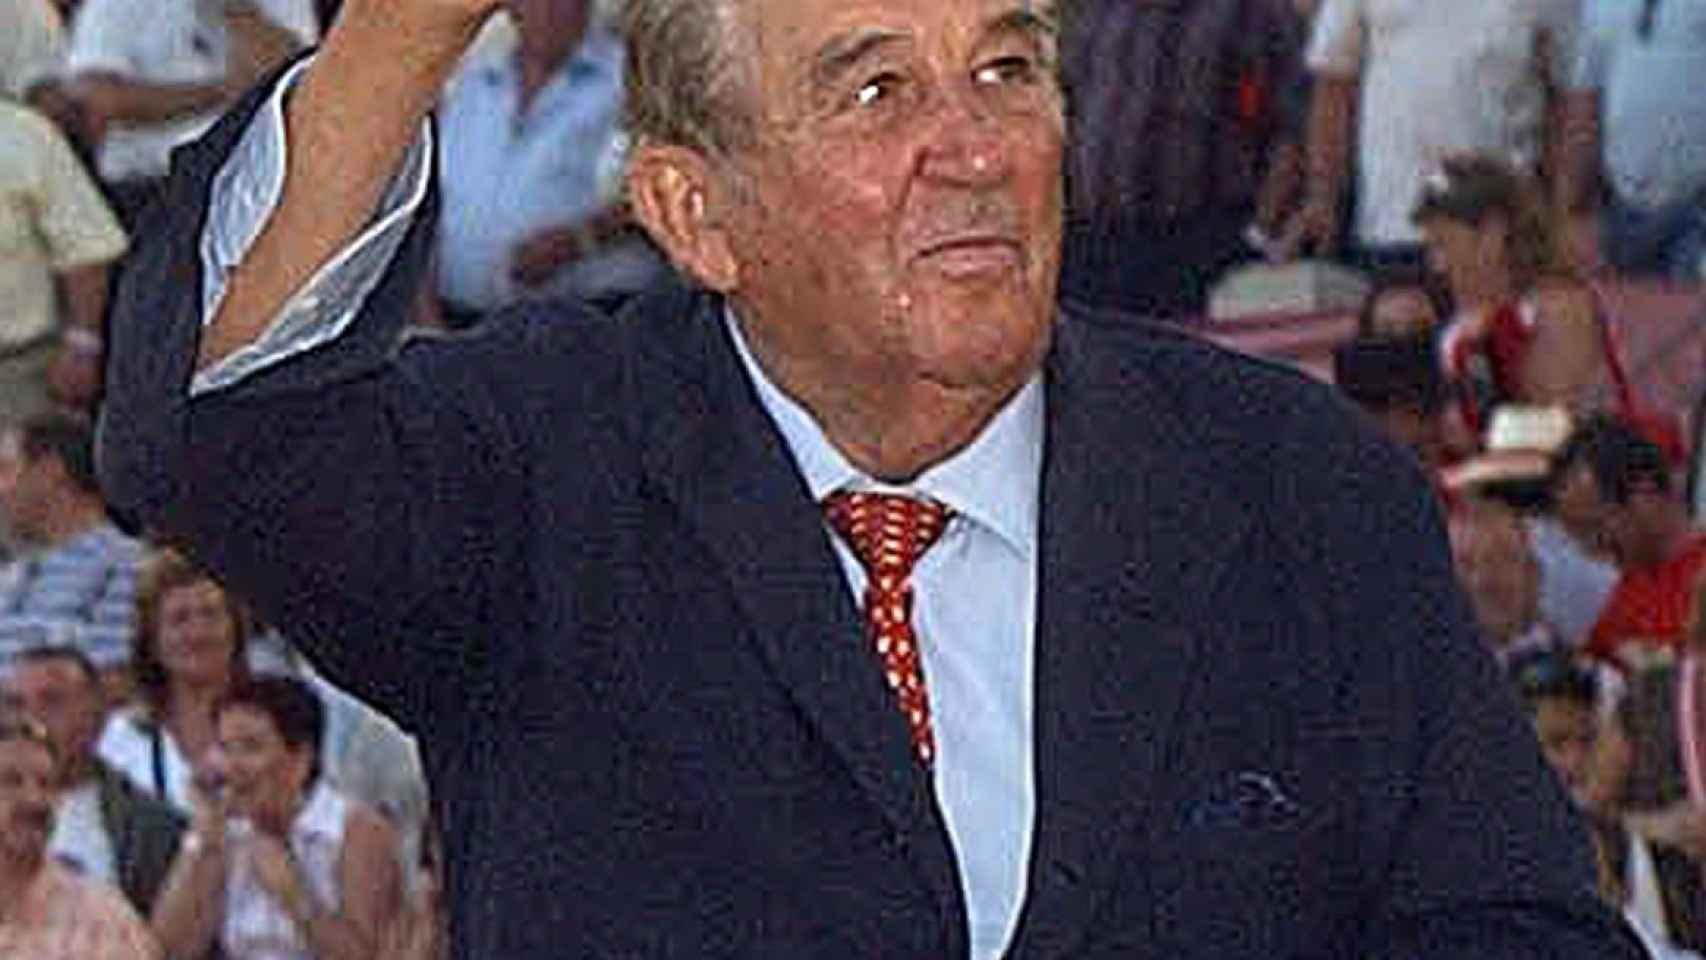 Fermín Bohórquez Escribano saluda.